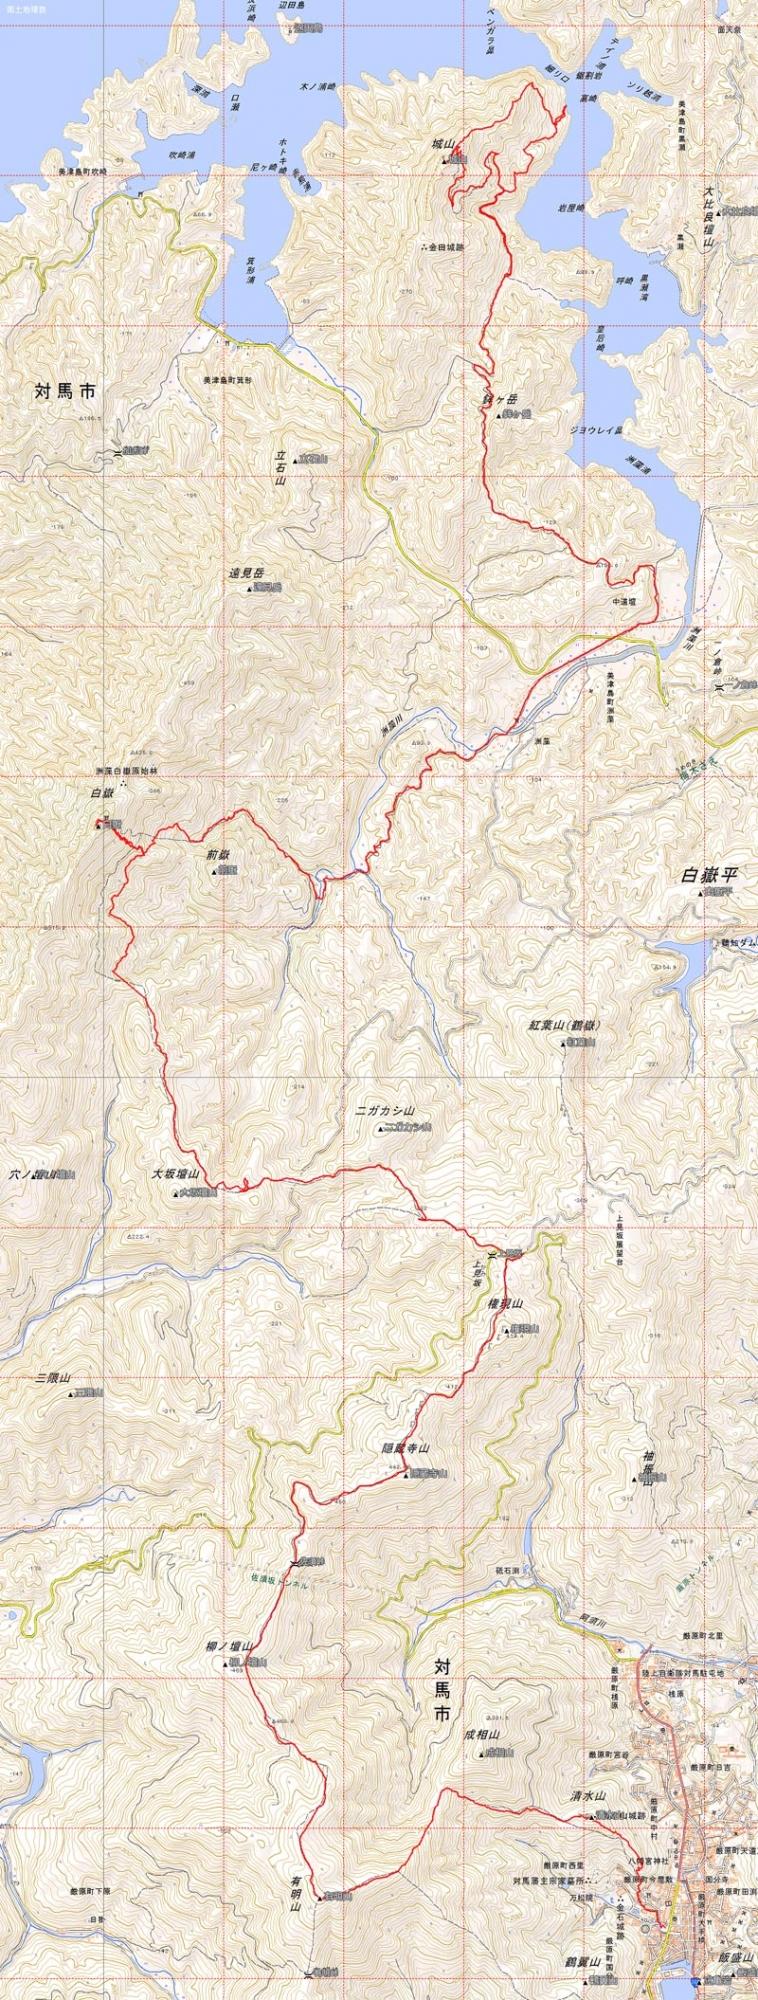 ロングトレッキング地図